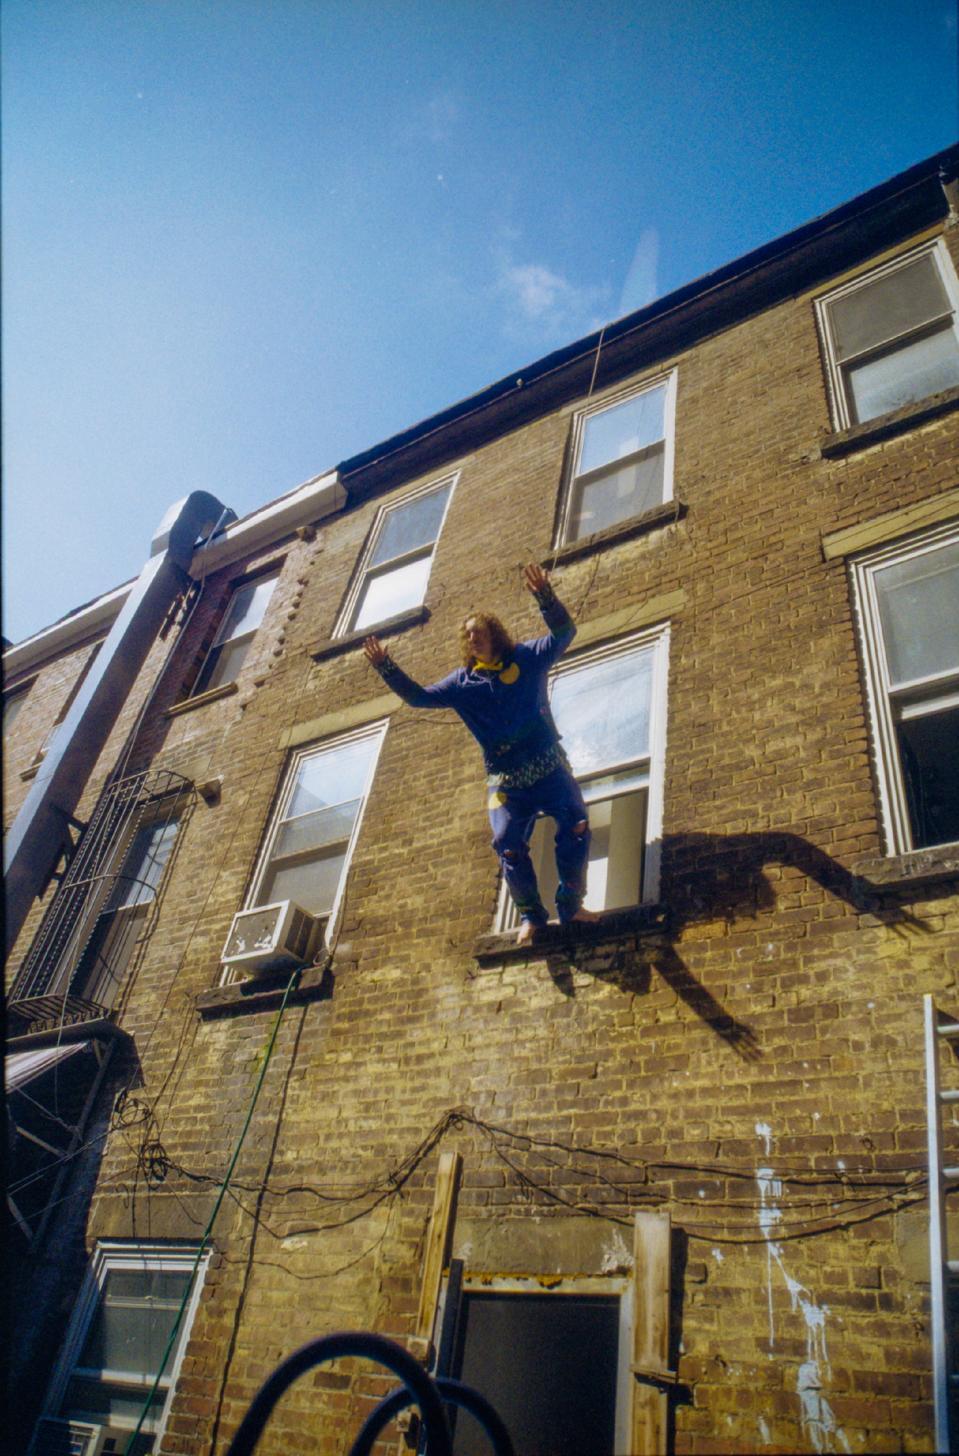 Le fondateur de KidSuper, Colm Dillane, est Colm Dillane de KidSuper alors qu'il saute par la fenêtre.